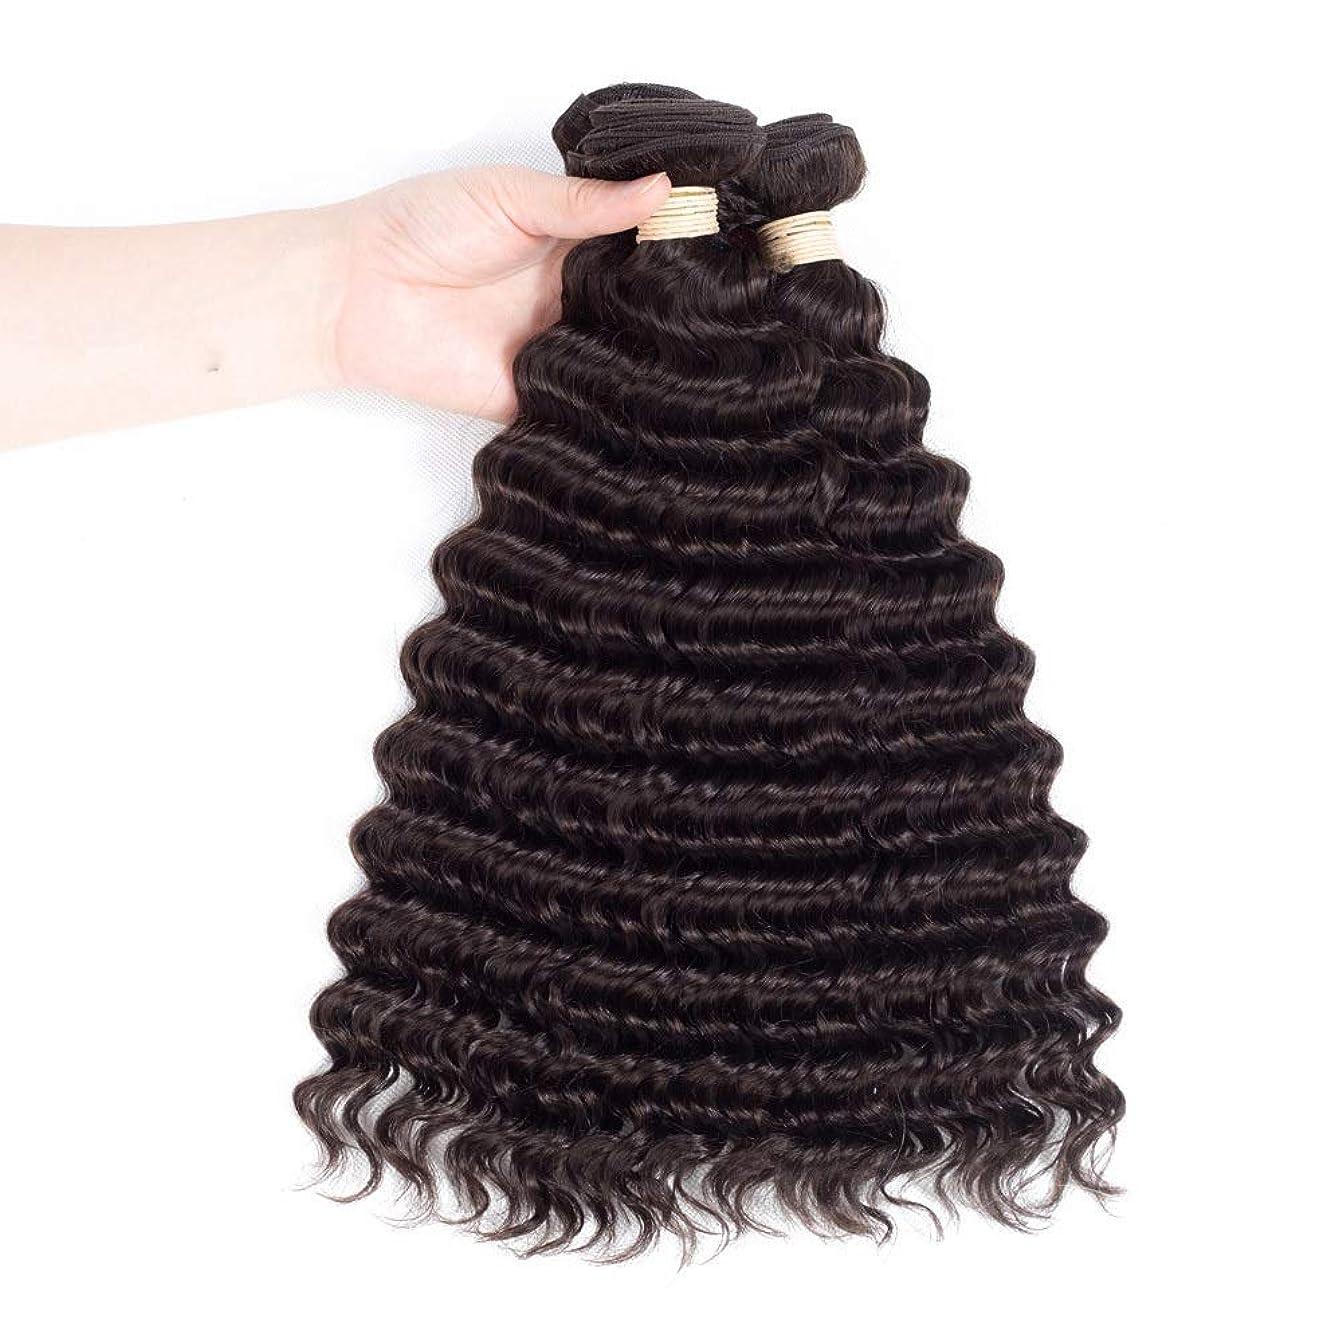 歴史家頬季節BOBIDYEE 人間の髪の毛の束ブラジルディープウェーブ本物の人間の髪の毛の織り方#2ダークブラウン(8